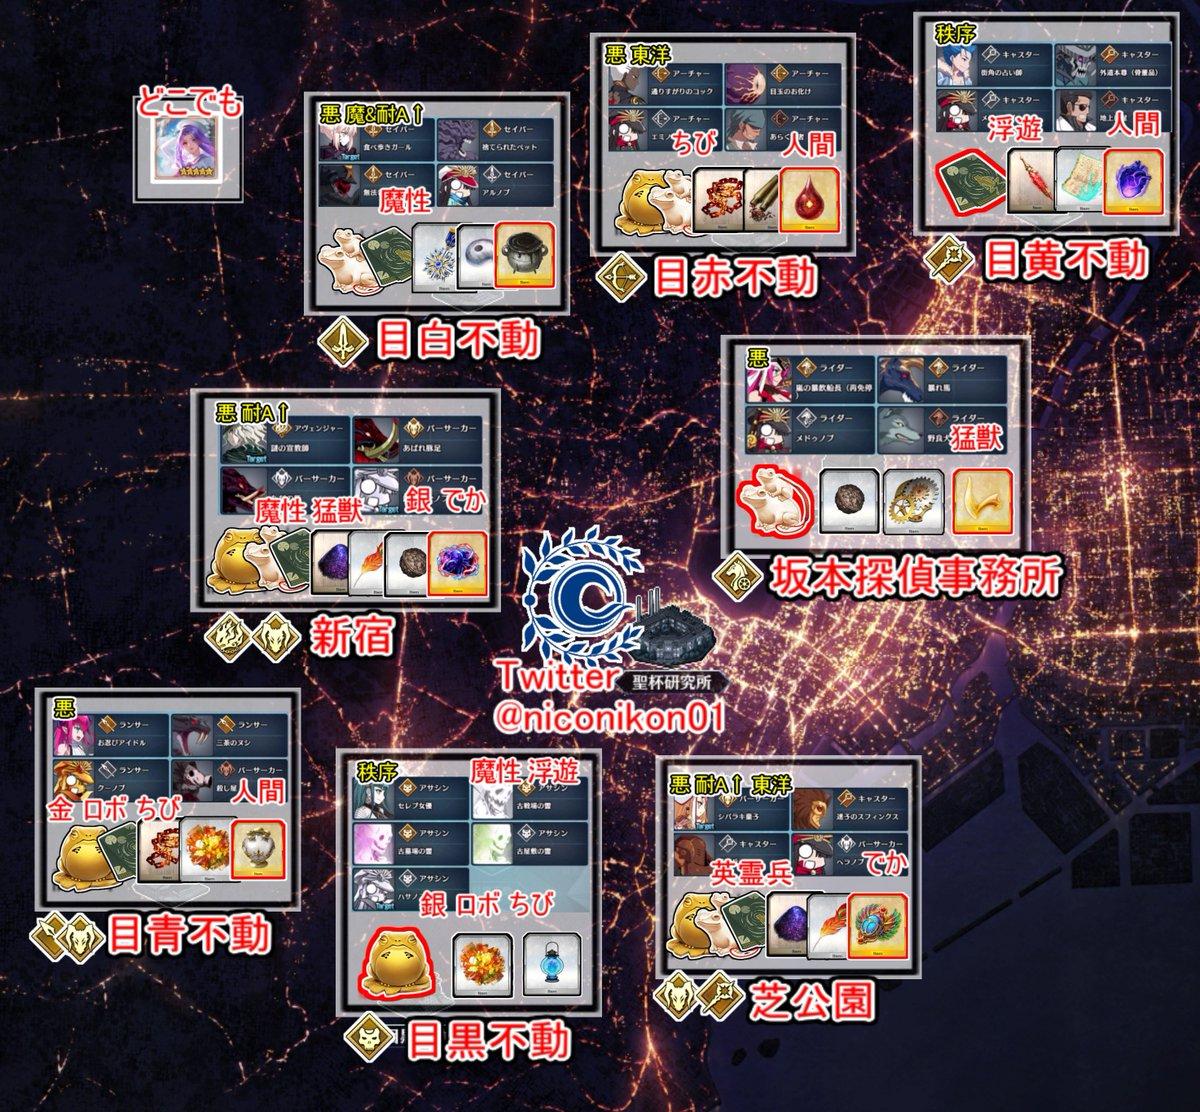 FGOイベント「復刻:ぐだぐだ帝都聖杯奇譚」【02】 04/19 18:00〜 04/26 12:59 裏面 フリクエ、ストーリー最速攻略まとめました 赤色の枠のアイテムがそこが最高効率です 全てのエリアを解放して地上絵を見ような #FGO #FateGO